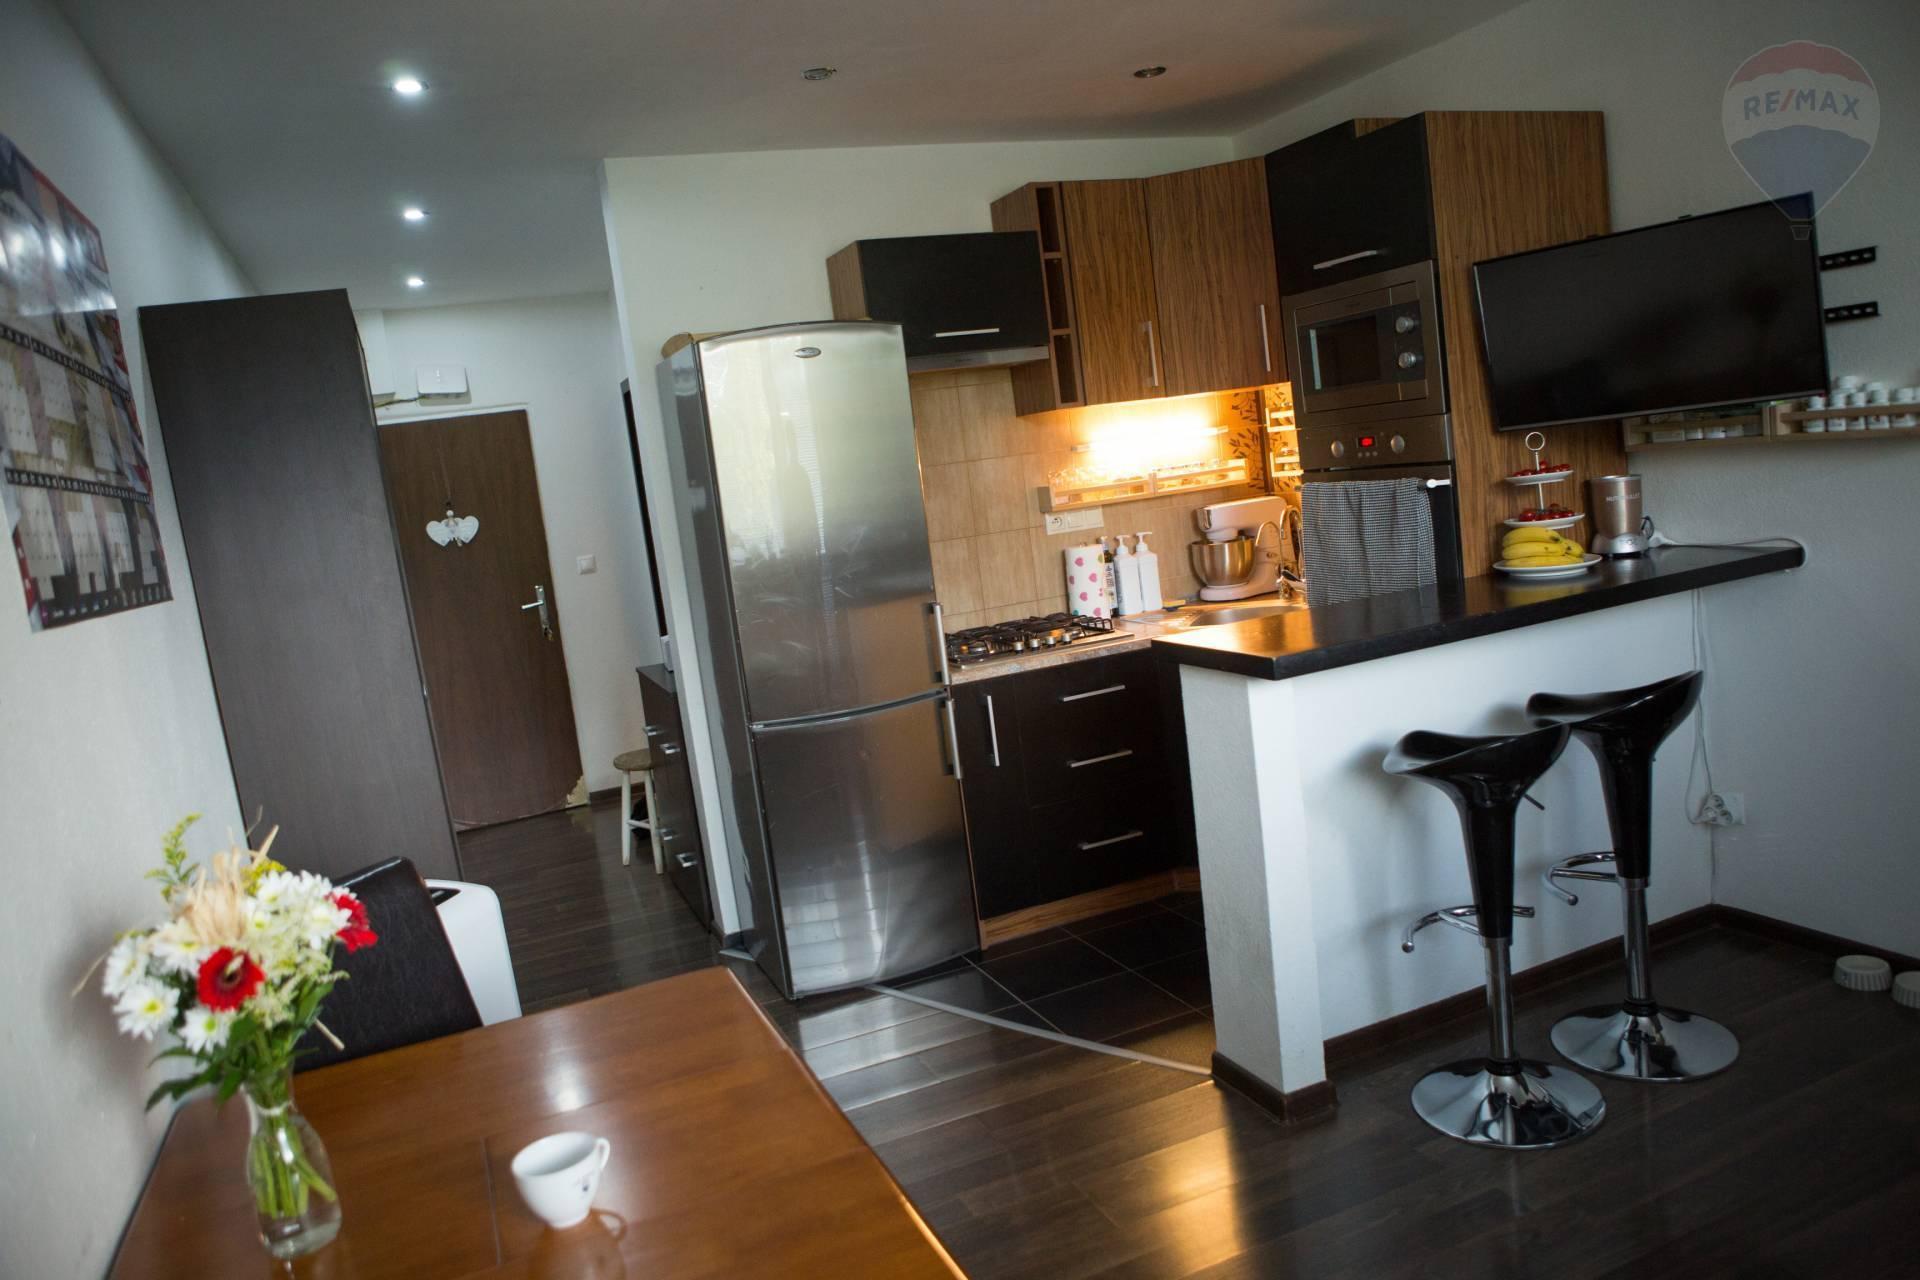 predaj 1 izbový byt Nitra, 2 balkóny, Tr. A. Hlinku EXKLUZÍVNE